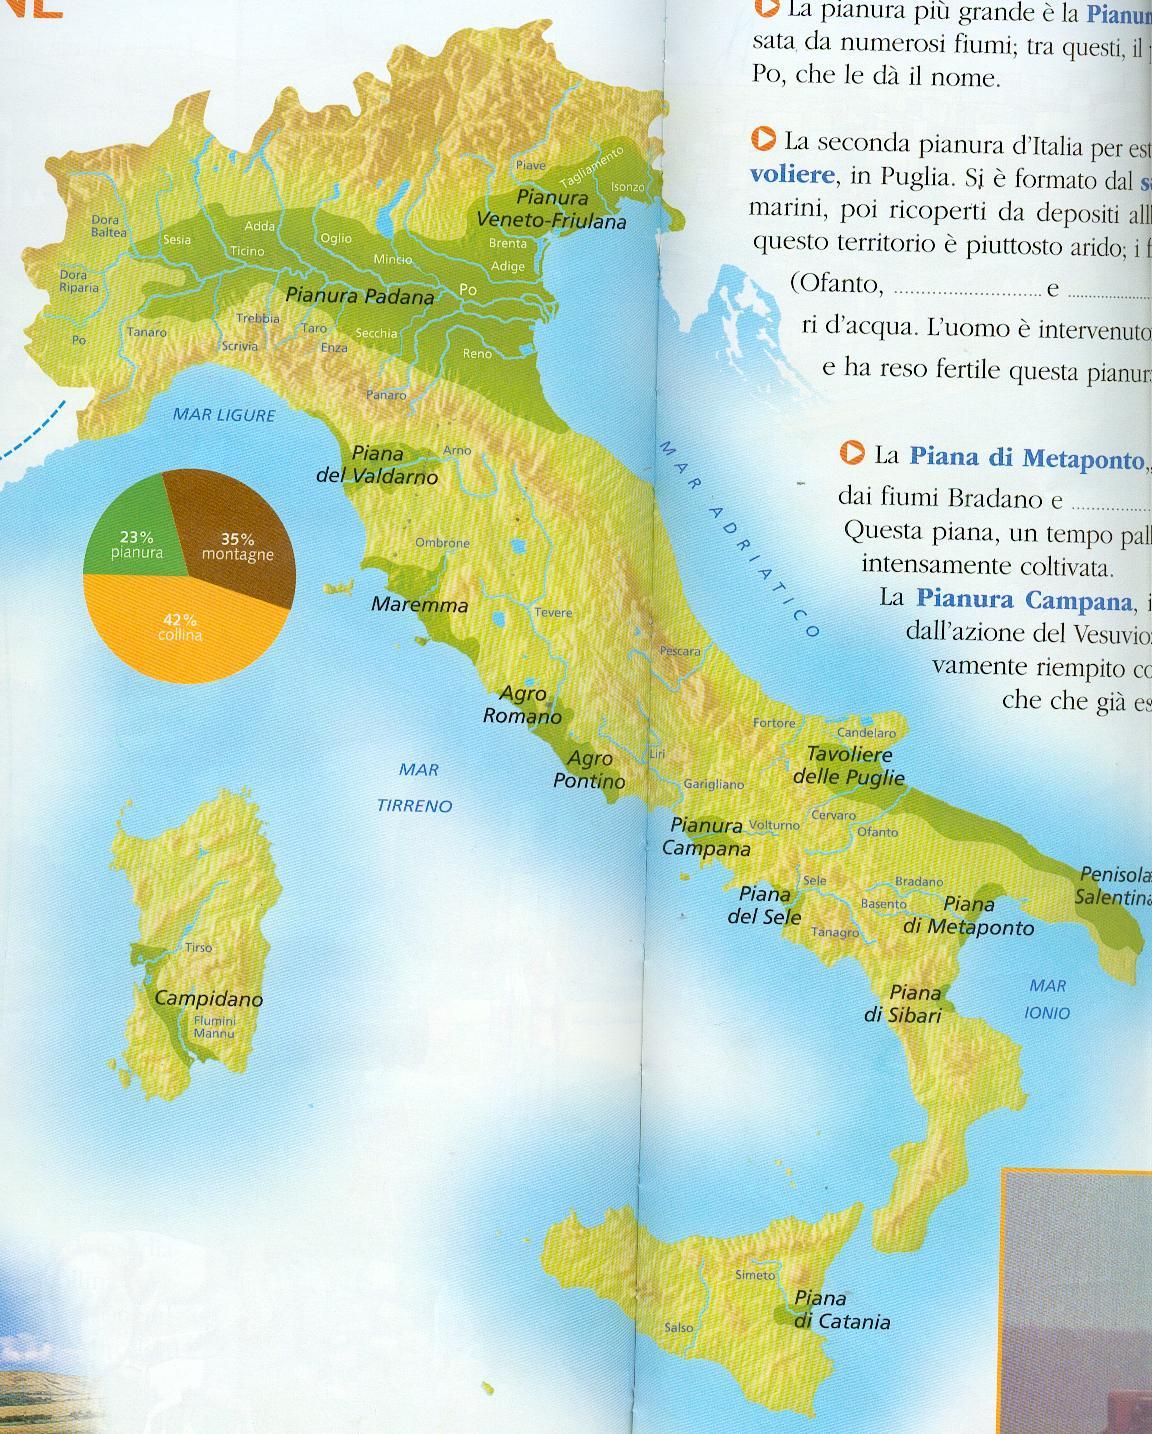 Cartina Italia Con Montagne Colline E Pianure.Mappa Europa Muta Fiumi